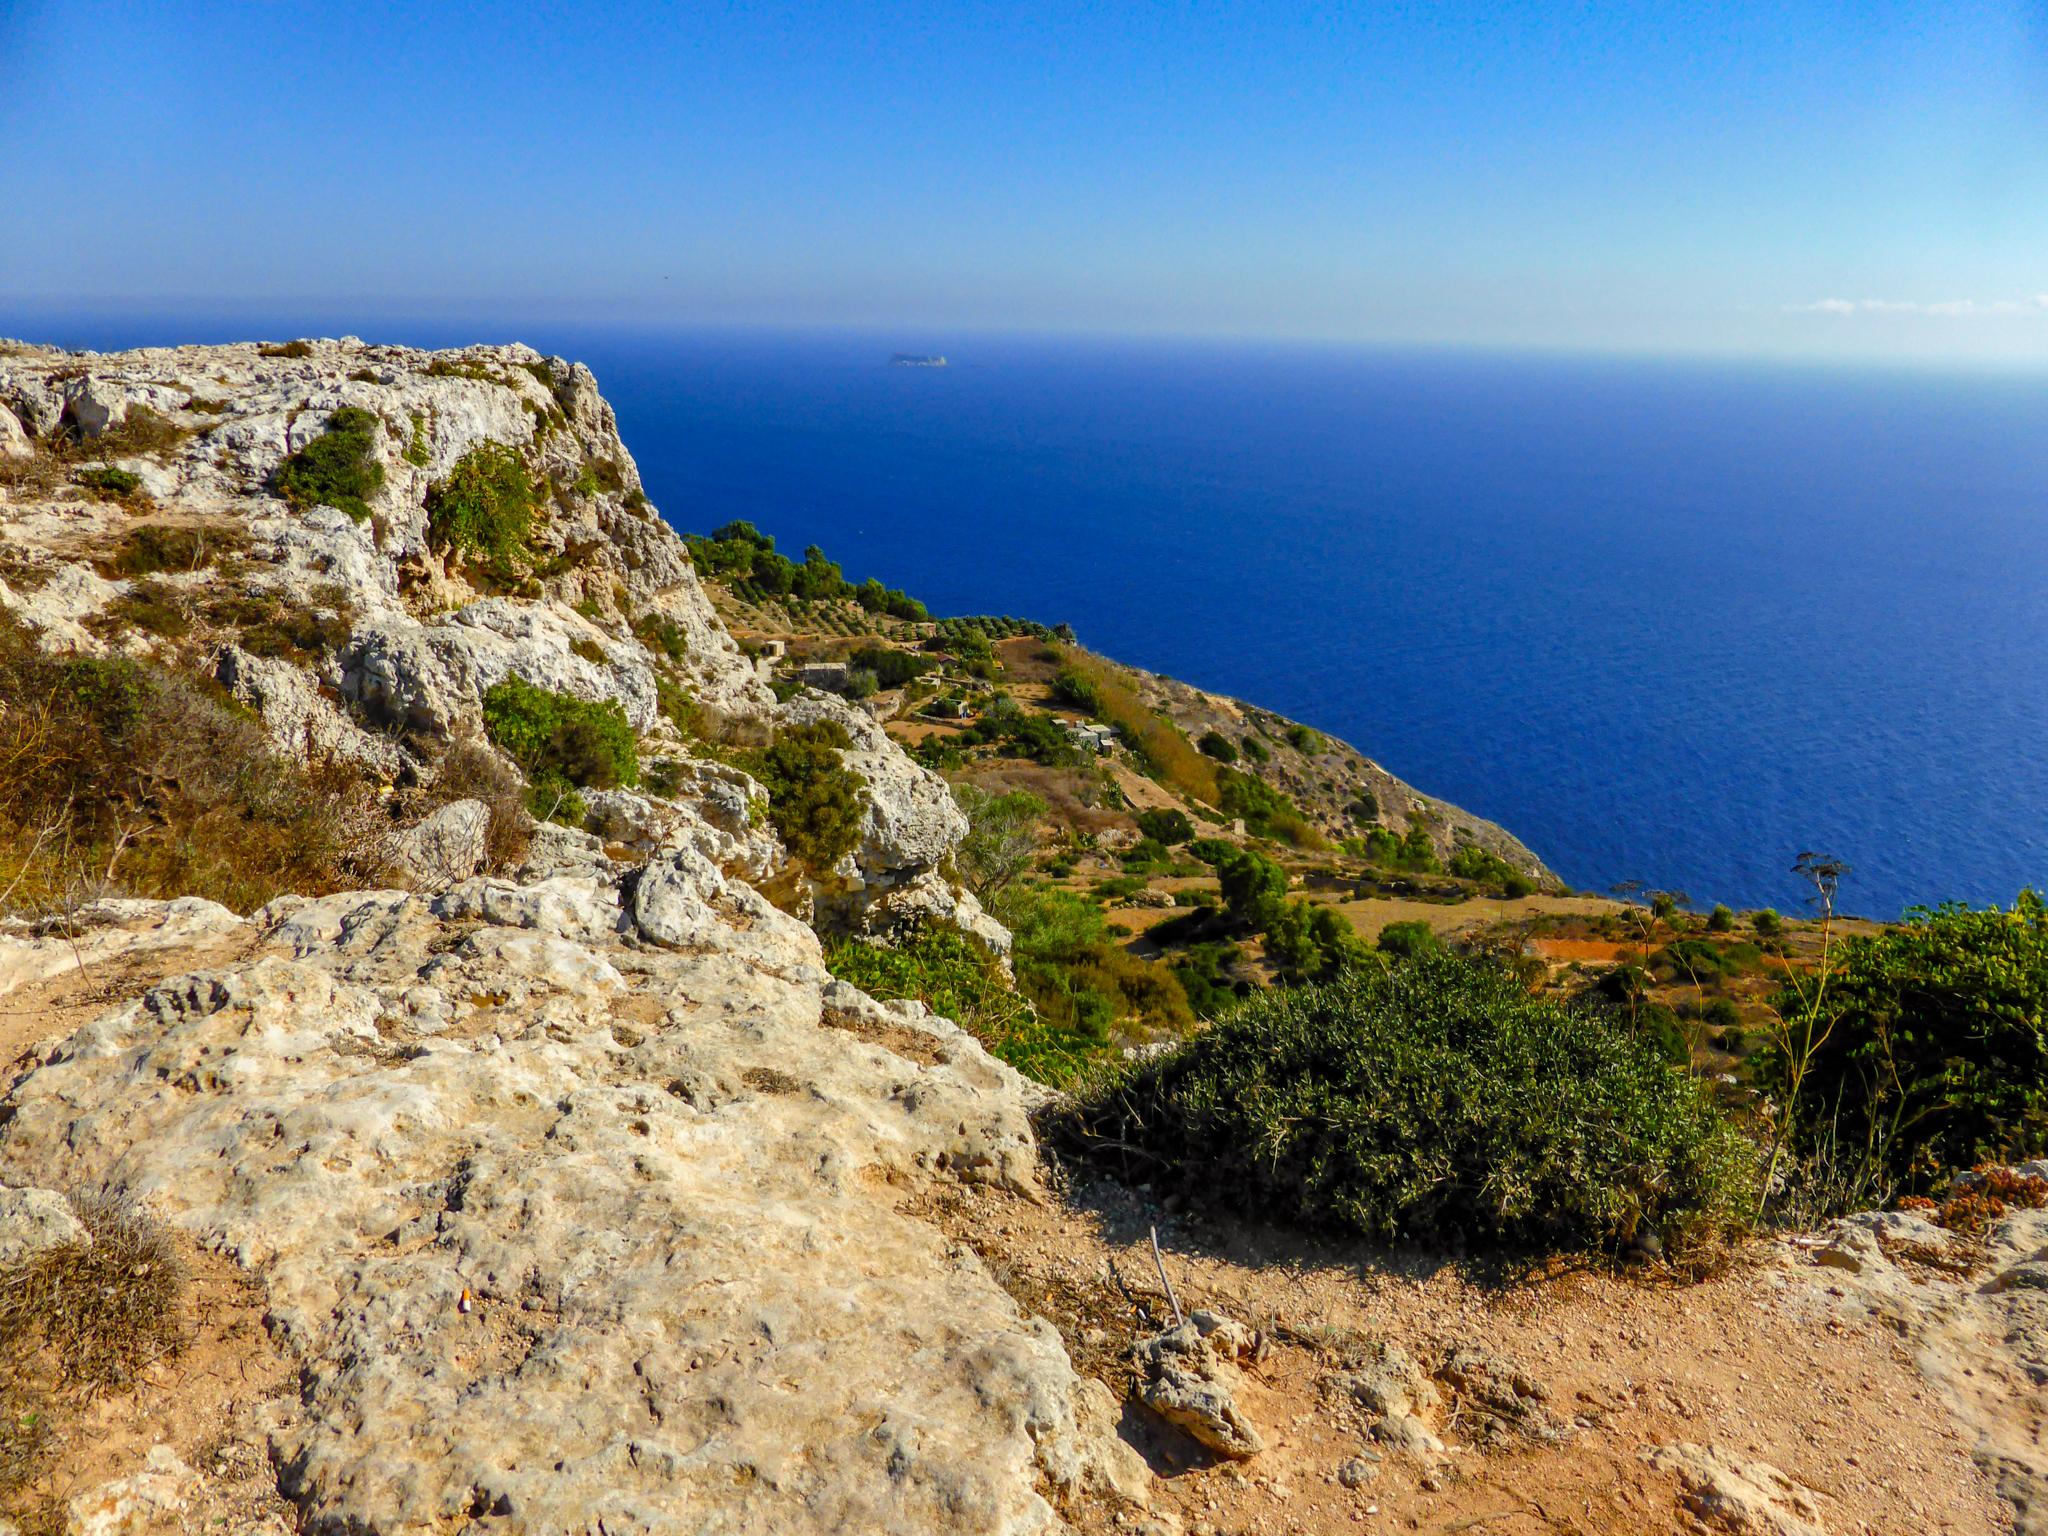 Maltas Landschaft besticht durch eine schroffe Schönheit, die sich in Kombination mit der Architektur erst dann so richtig erschließt, wenn man die Insel längst wieder verlassen hat und die Rundreise Revue passieren lässt. Jedenfalls dann, wenn man mit einem Kreuzfahrtschiff unterwegs ist, wo eh eine unüberschaubare Zahl an Eindrücken auf den Reisenden einprasselt.